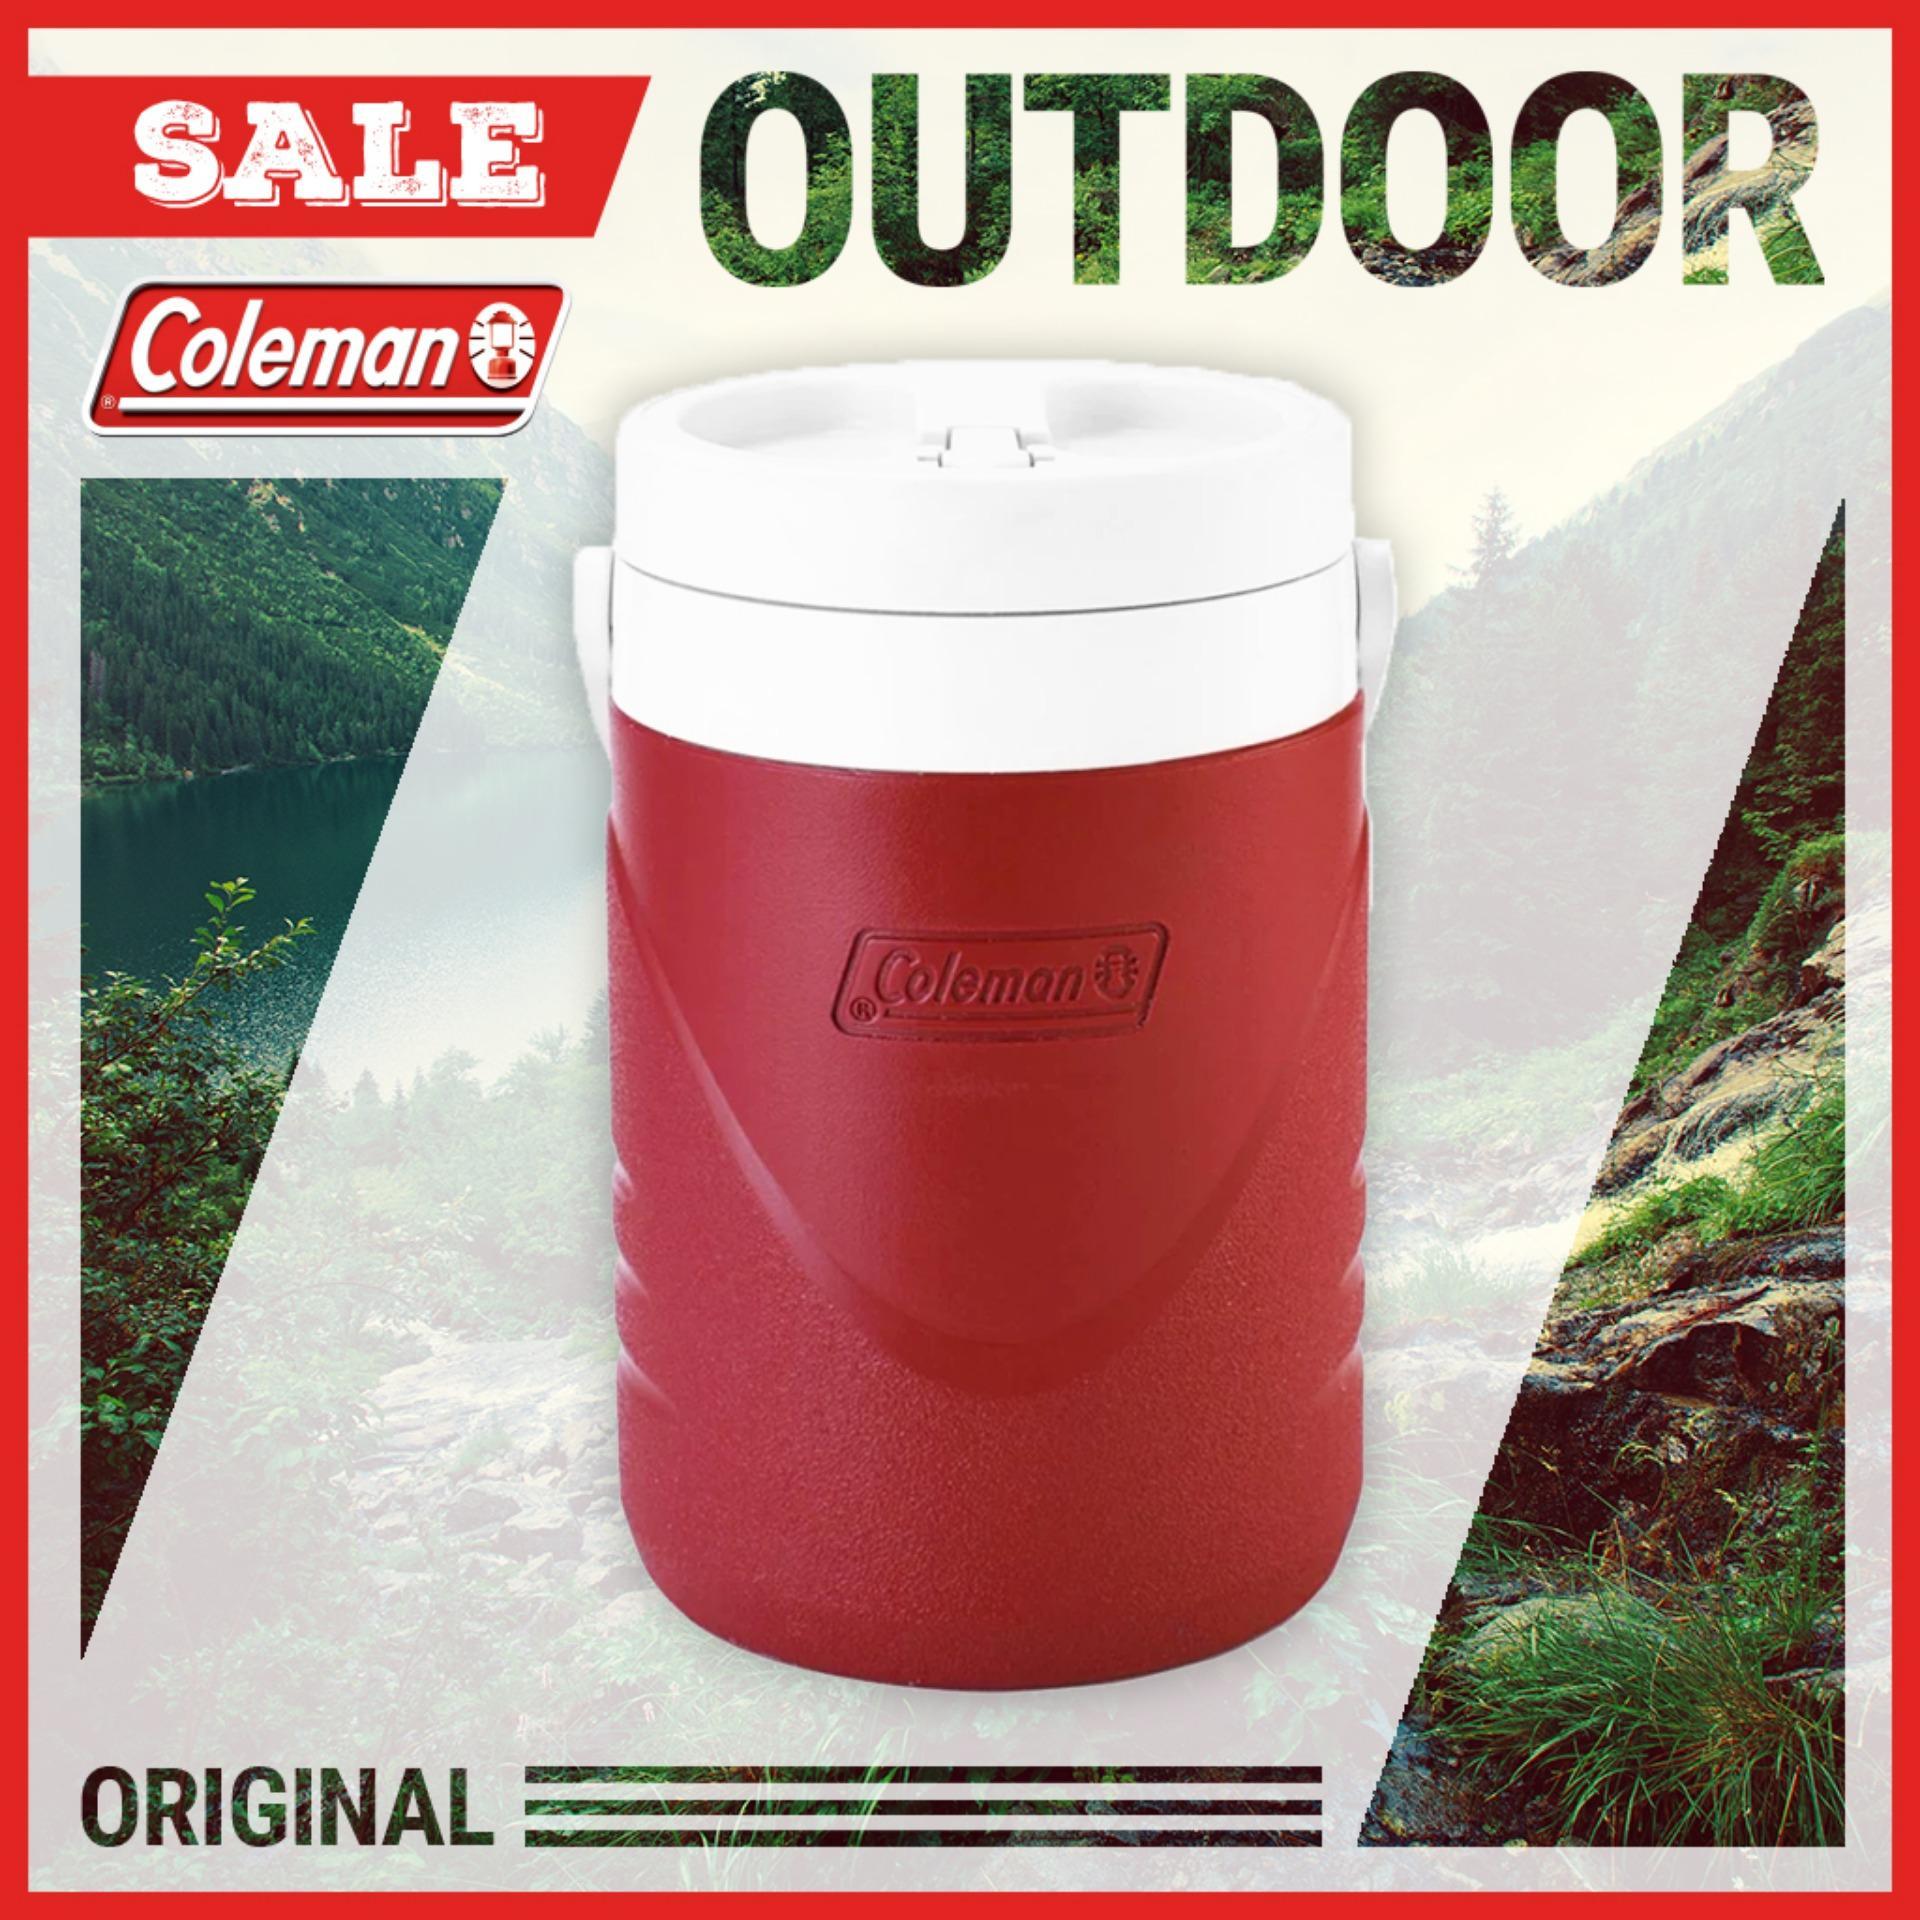 Bình giữ nhiệt Coleman 3.8L (Đỏ) 3000000731 - Hãng phân phối chính thức